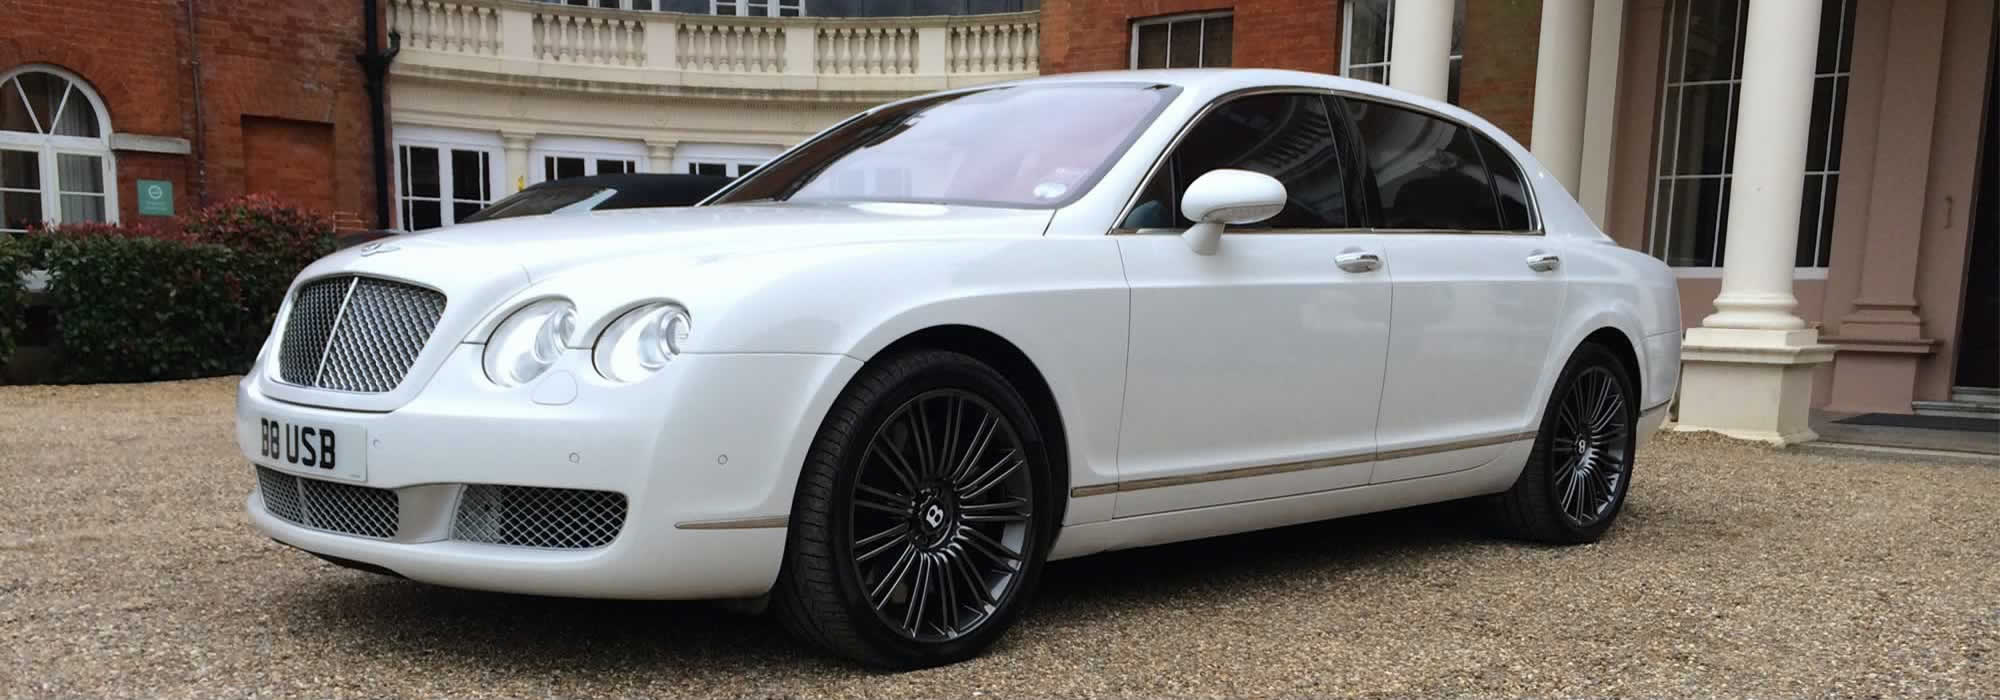 Bentley Flying Spur Hire